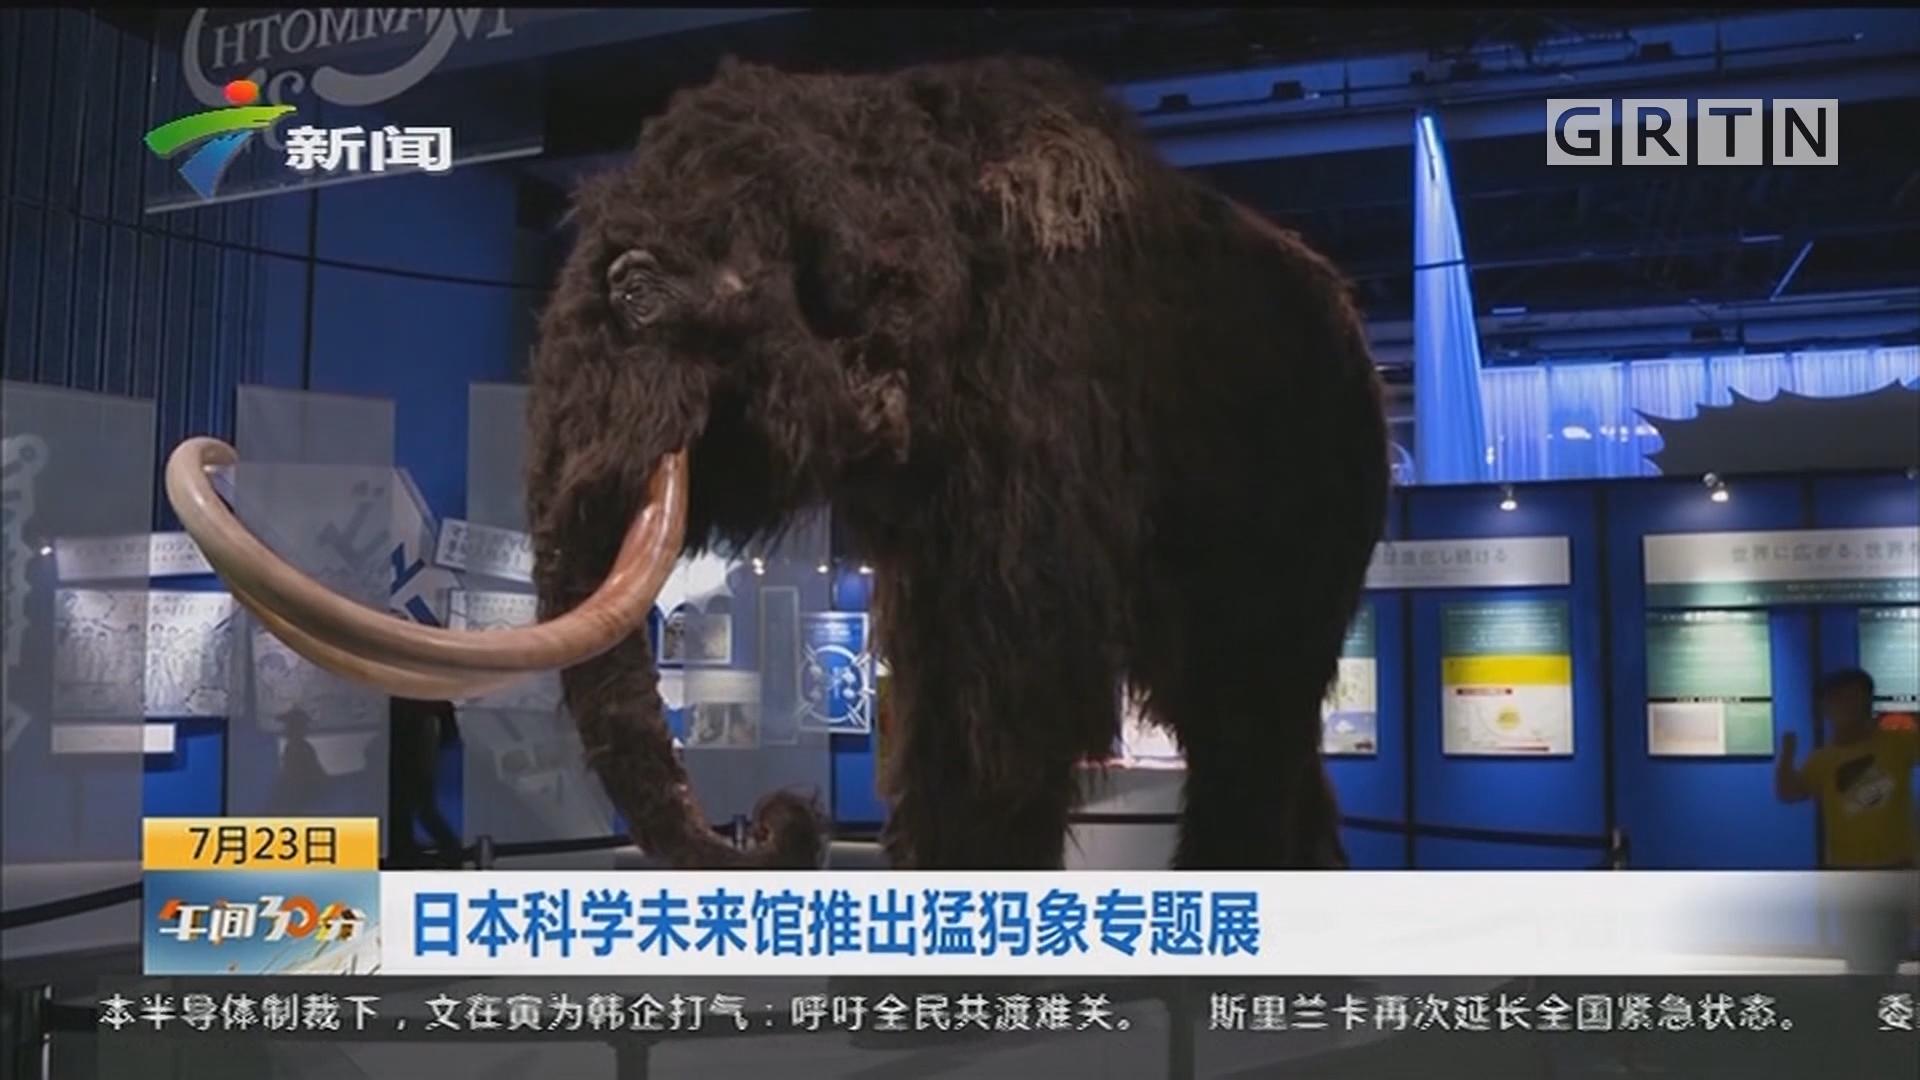 日本科学未来馆推出猛犸象专题展